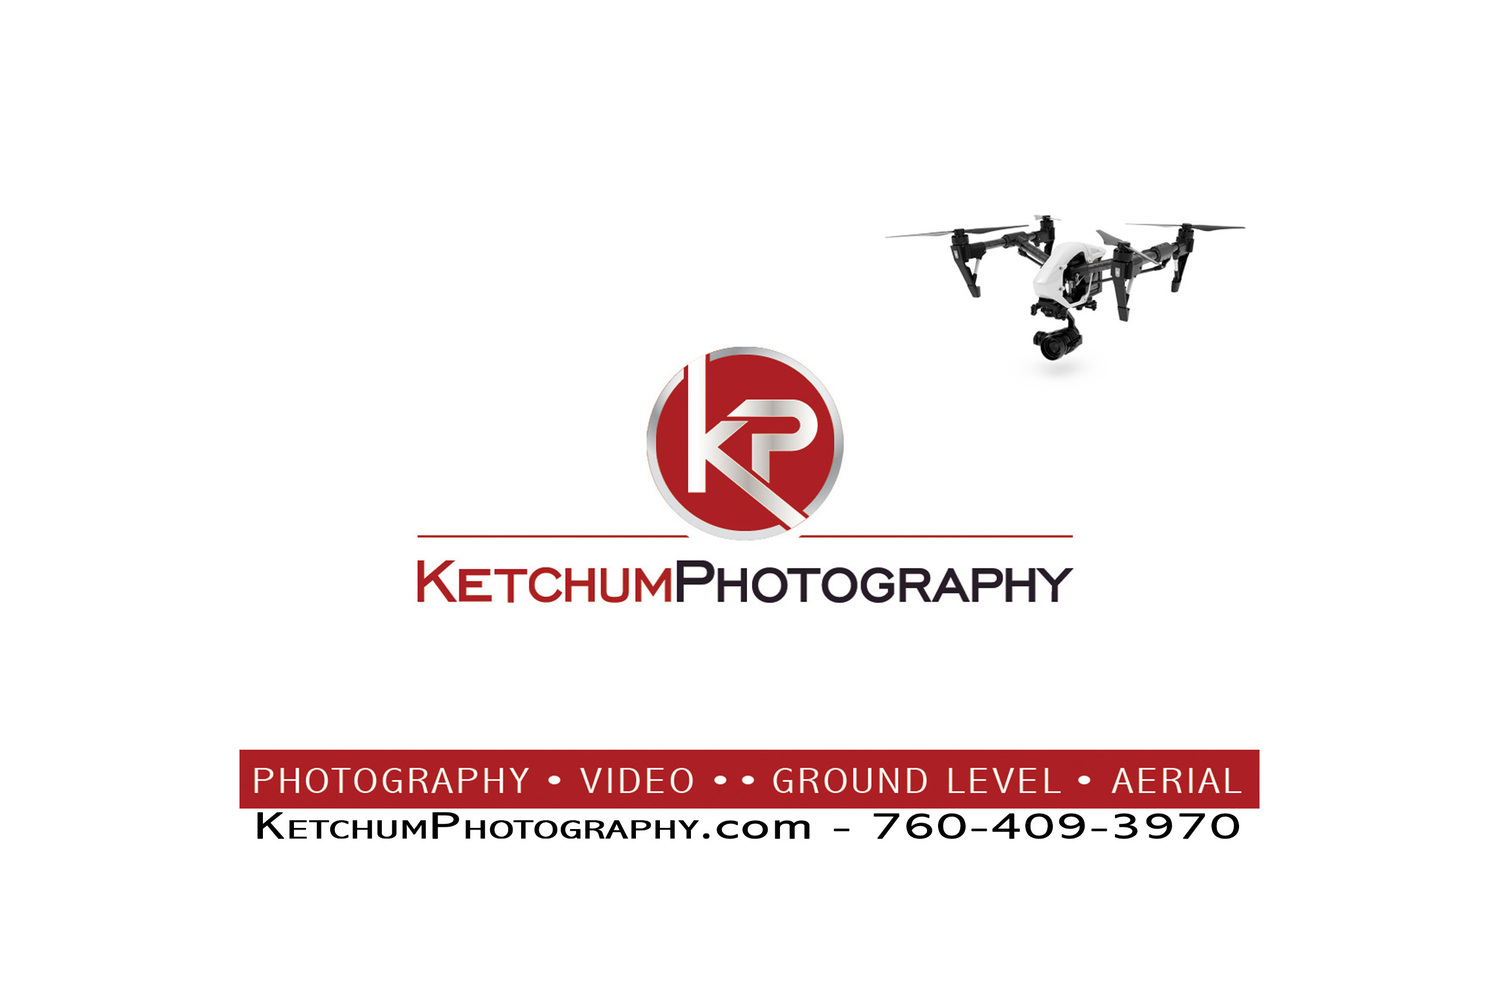 Uploads 2f1488321995040 karhu9arum 3ba35570cac8a7181f0a3819e26fcf24 2f9999